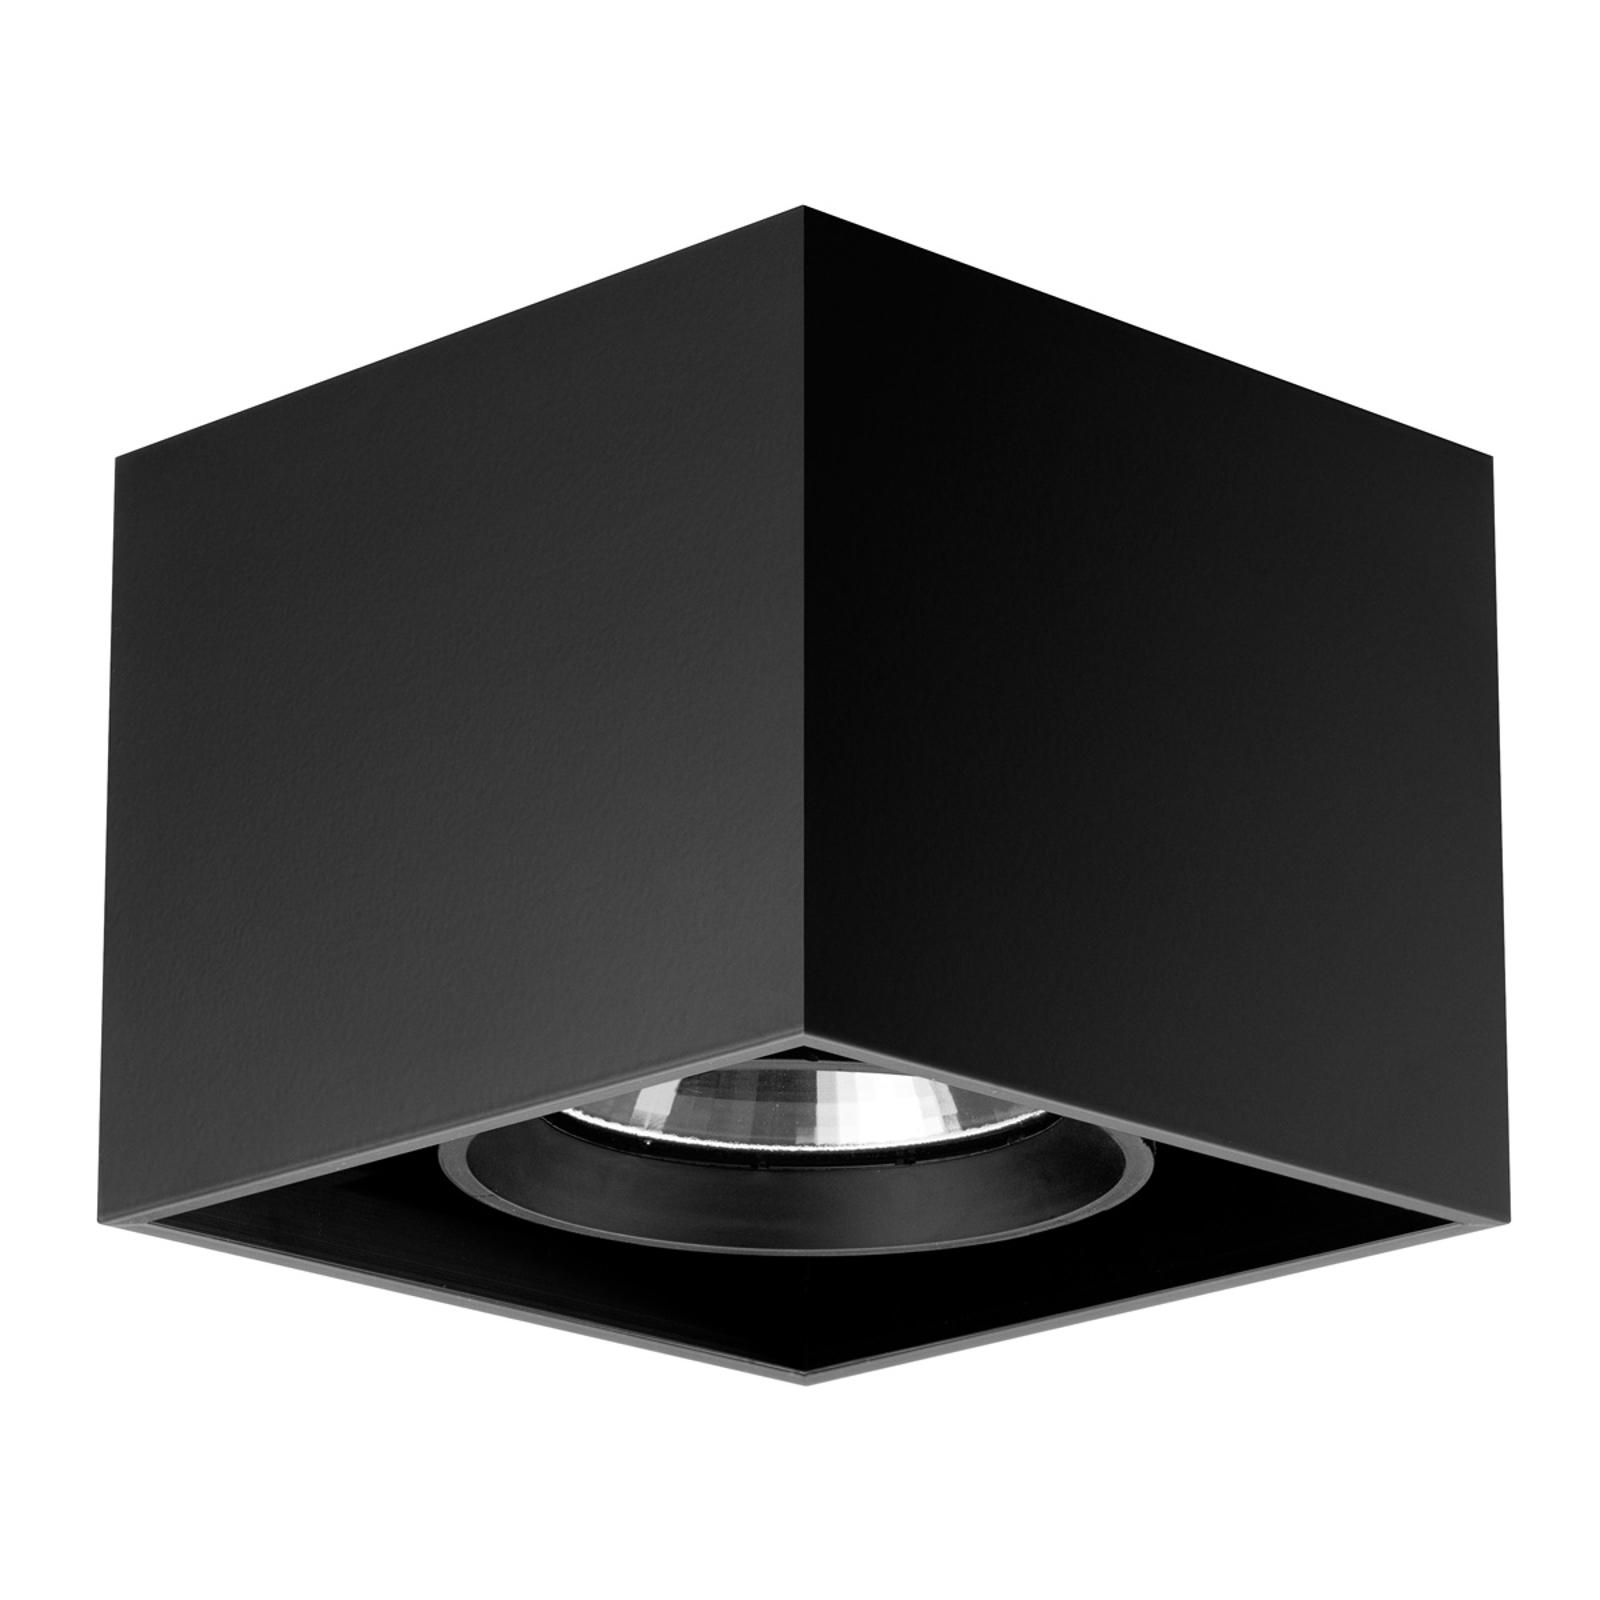 FLOS Compass Box H135 - Deckenleuchte schwarz